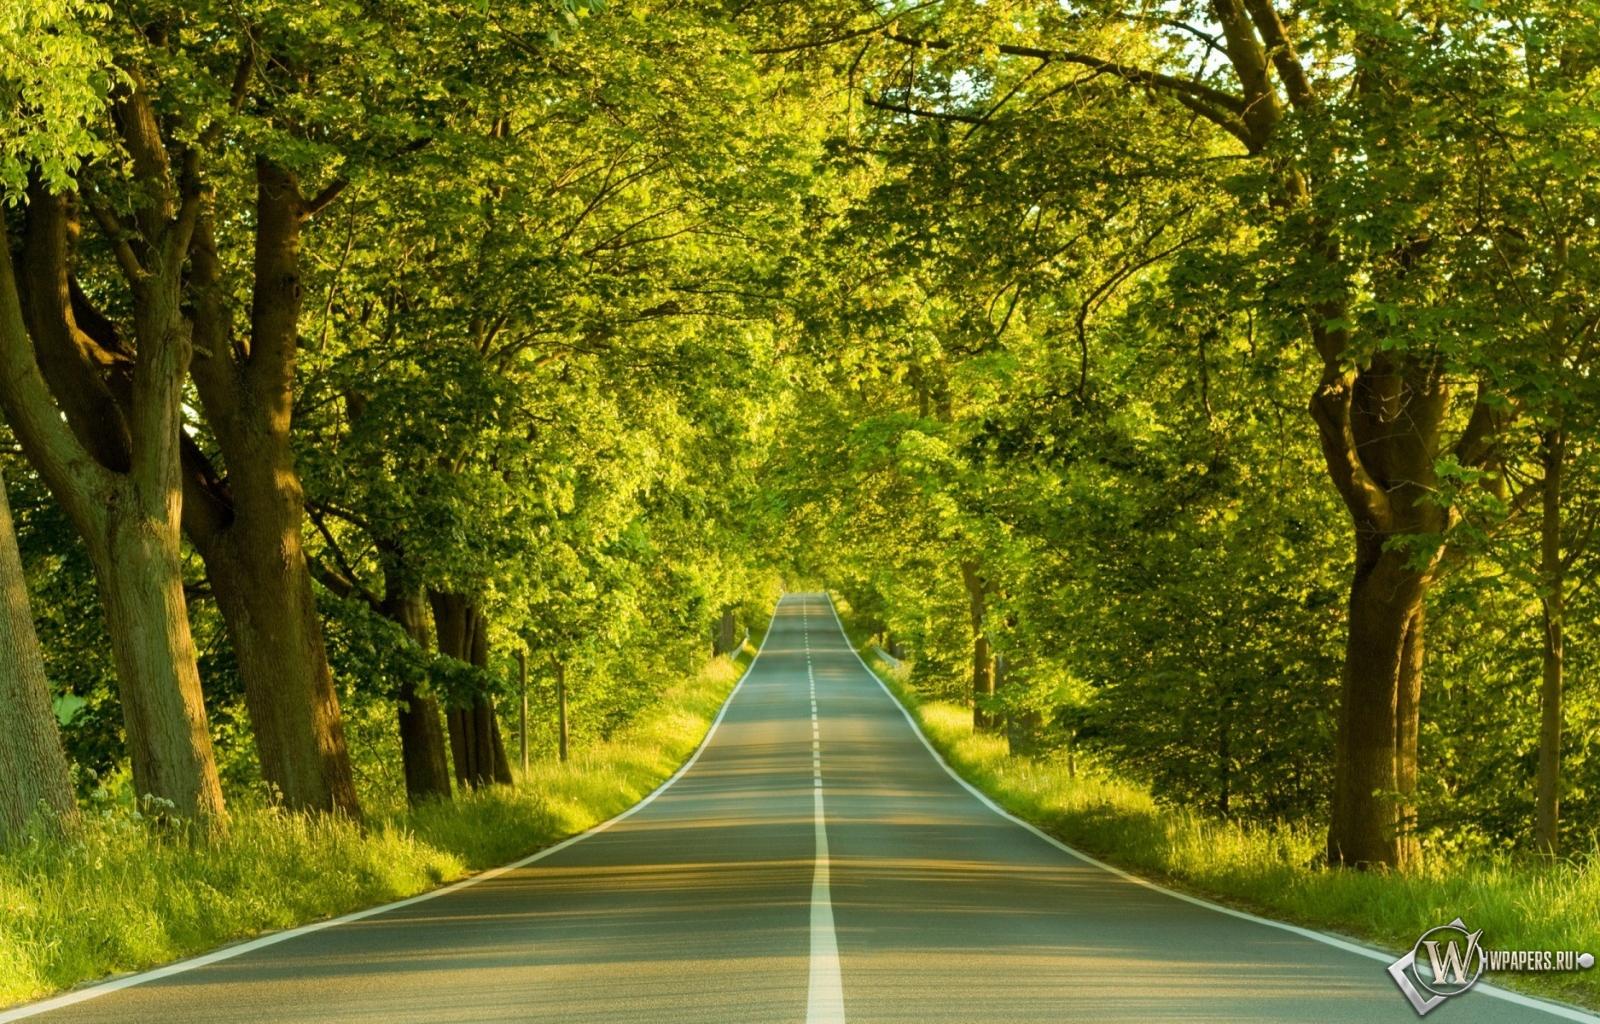 Обои дорога в лесу на рабочий стол с